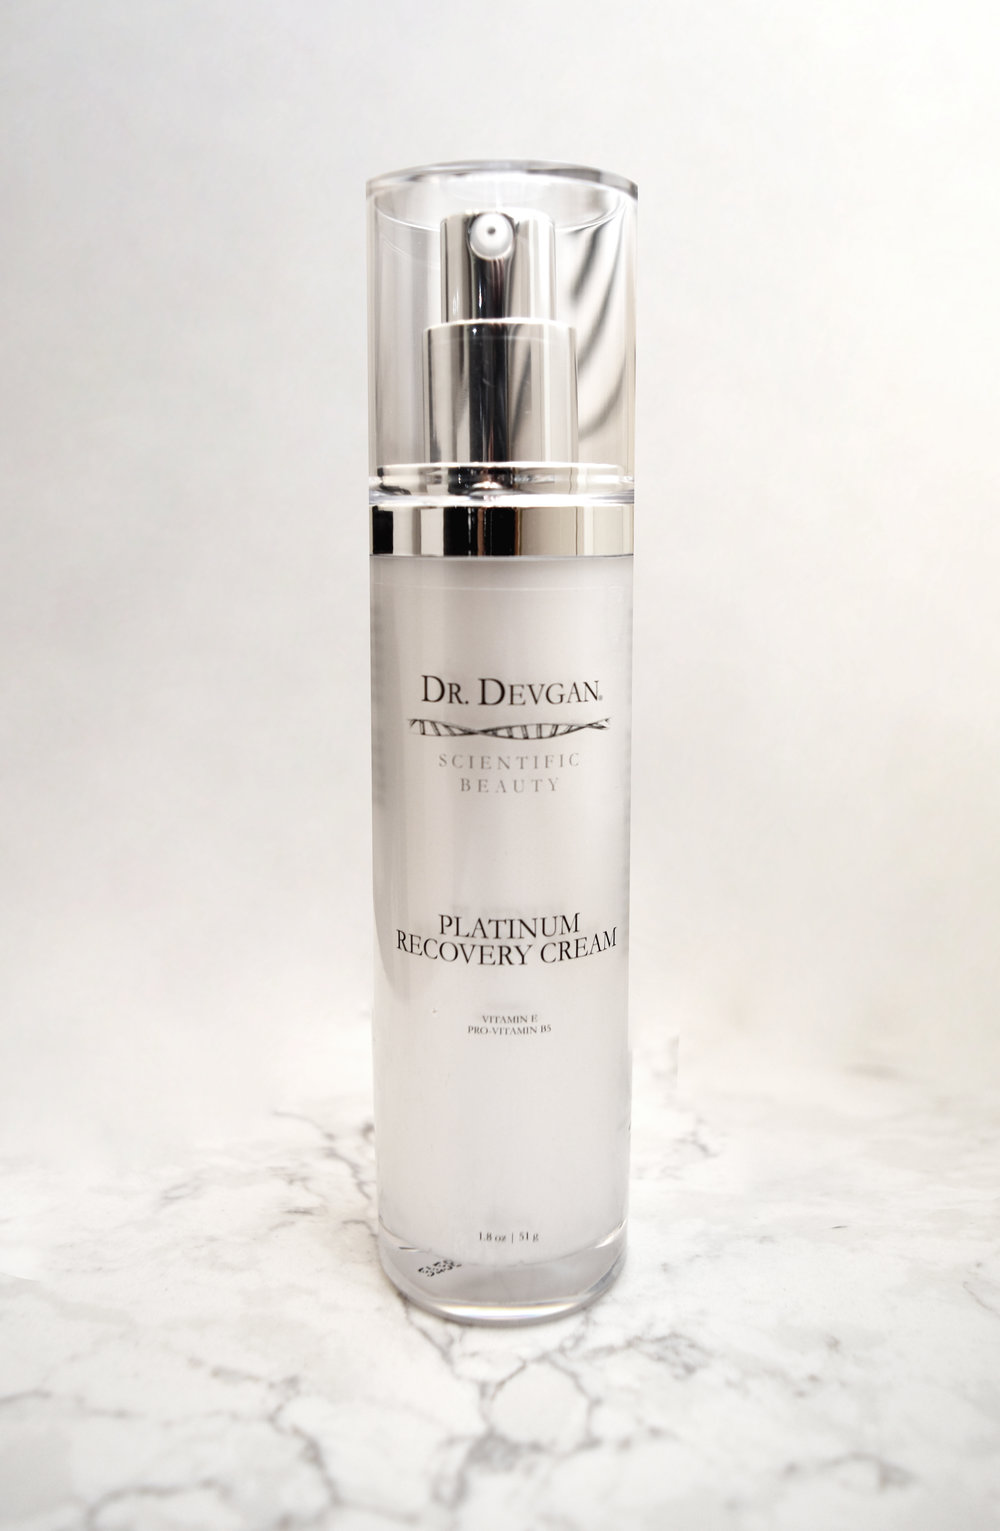 Dr. Devgan's Platinum Recovery Cream